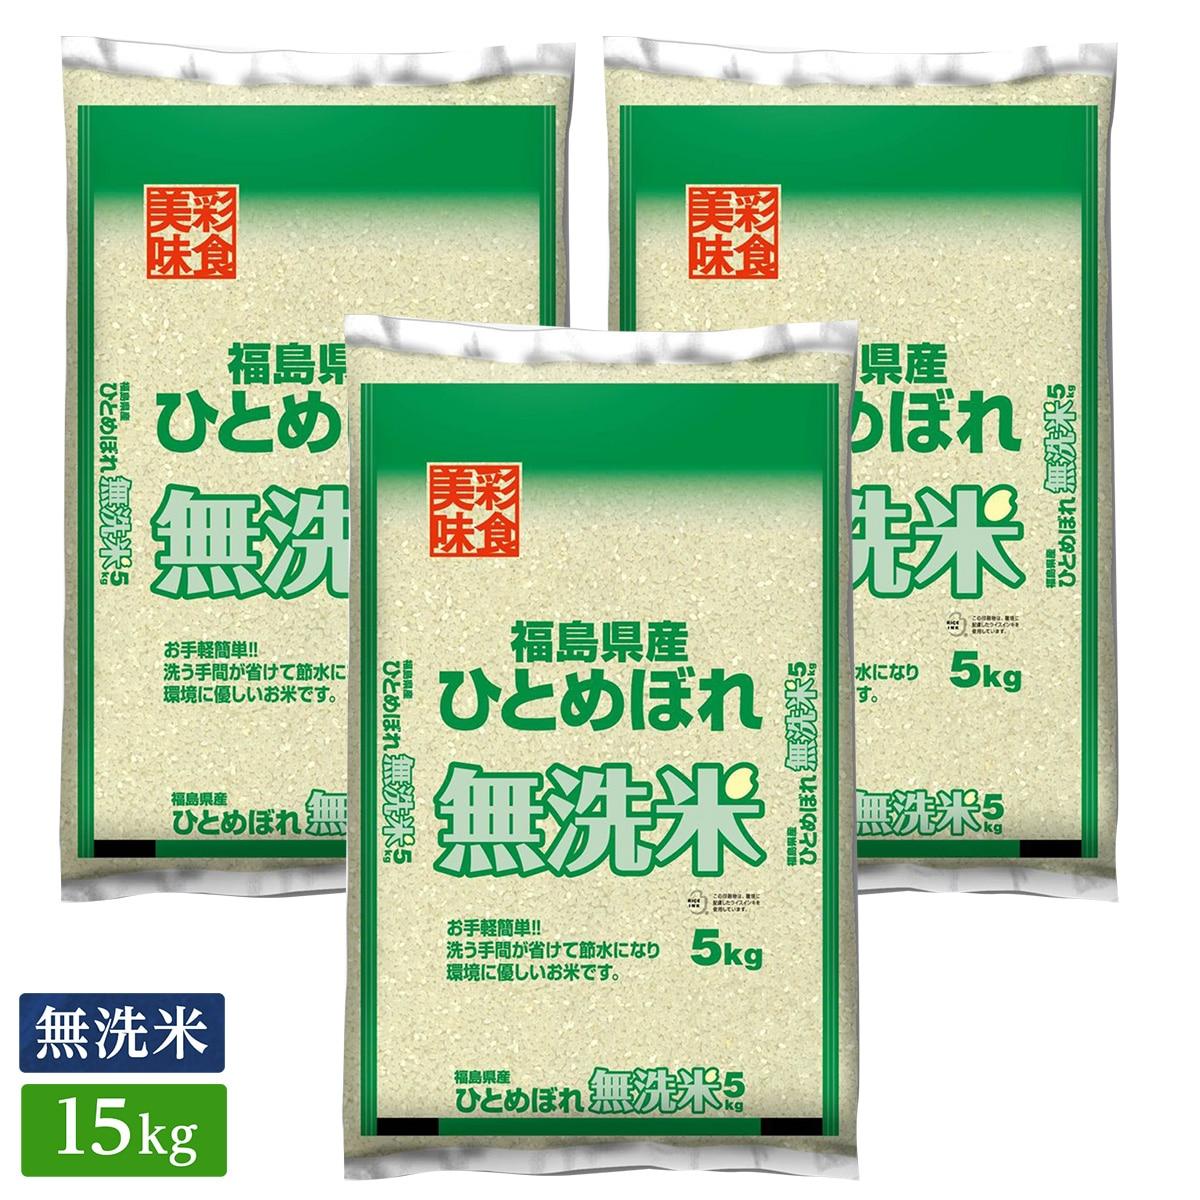 【送料無料】■◇新米 無洗米 令和3年産 福島県産 ひとめぼれ 15kg(5kg×3袋)